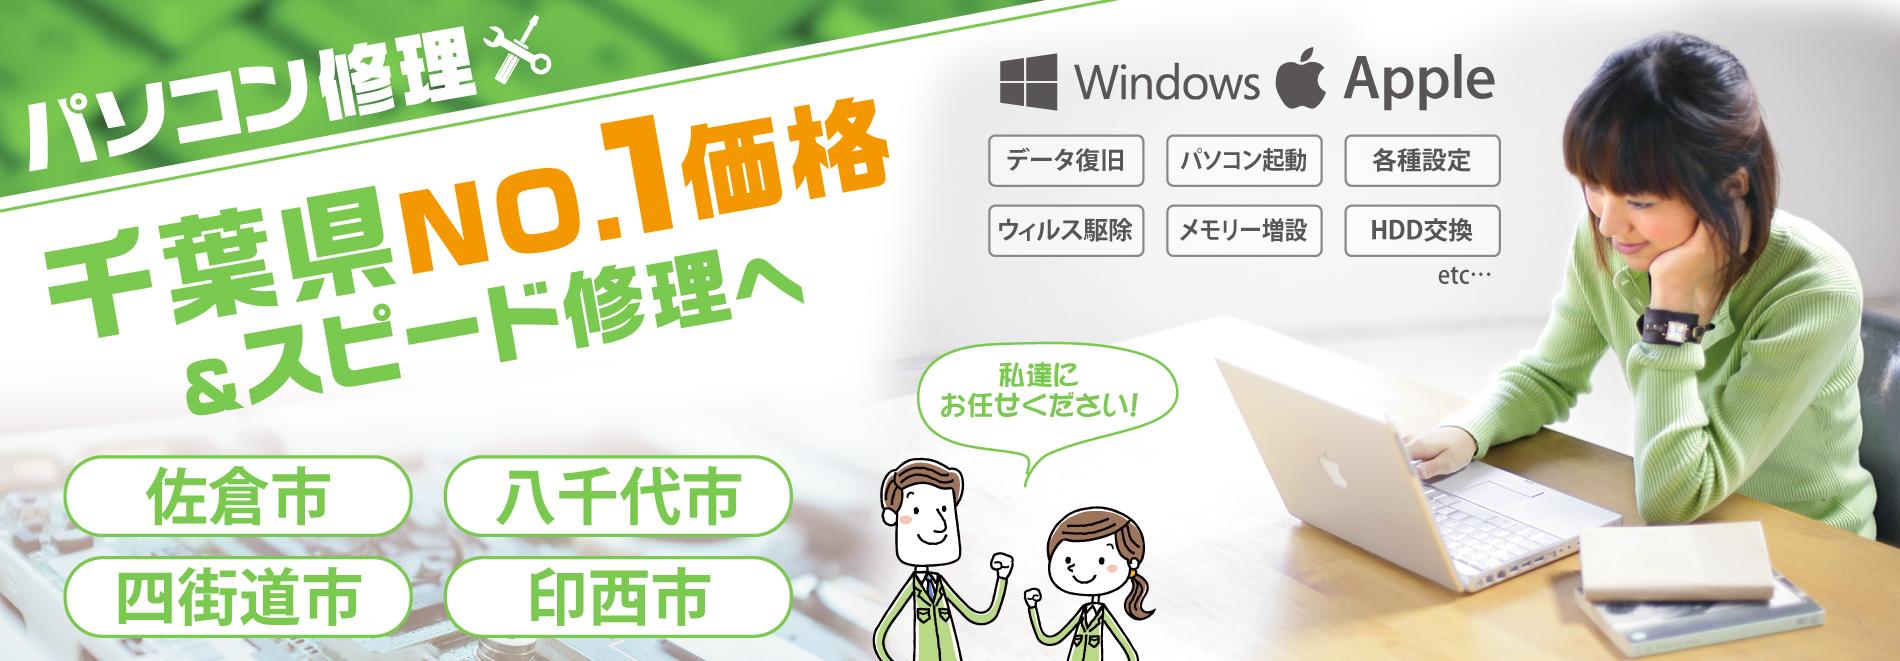 パソコン修理|佐倉・八千代・四街道・印西 2